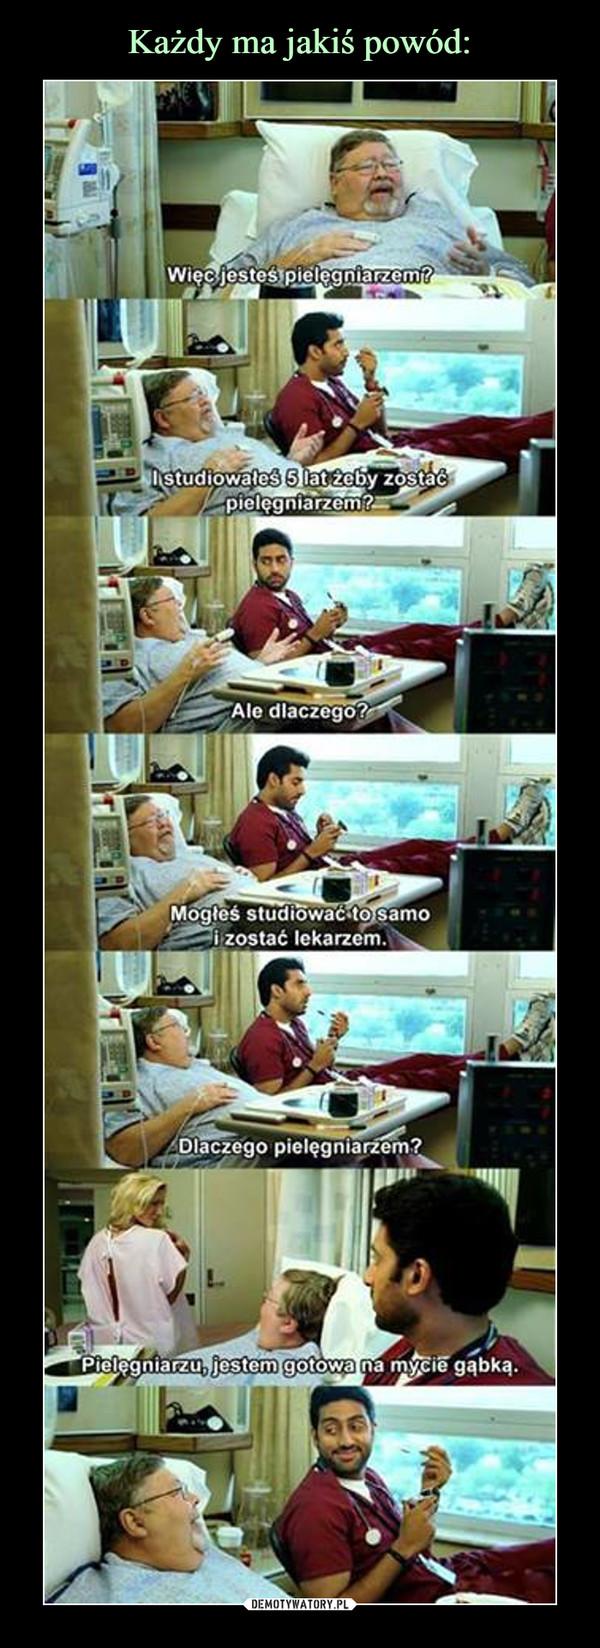 –  Więc jesteś pielęgniarzem?I studiowałeś 5 lat, żeby zostać pielęgniarzem?Ale dlaczego?Mogłeś studiować to samo i zostać lekarzemDlaczego pielęgniarzem?Pielęgniarzu, jestem gotowa na mycie gąbką